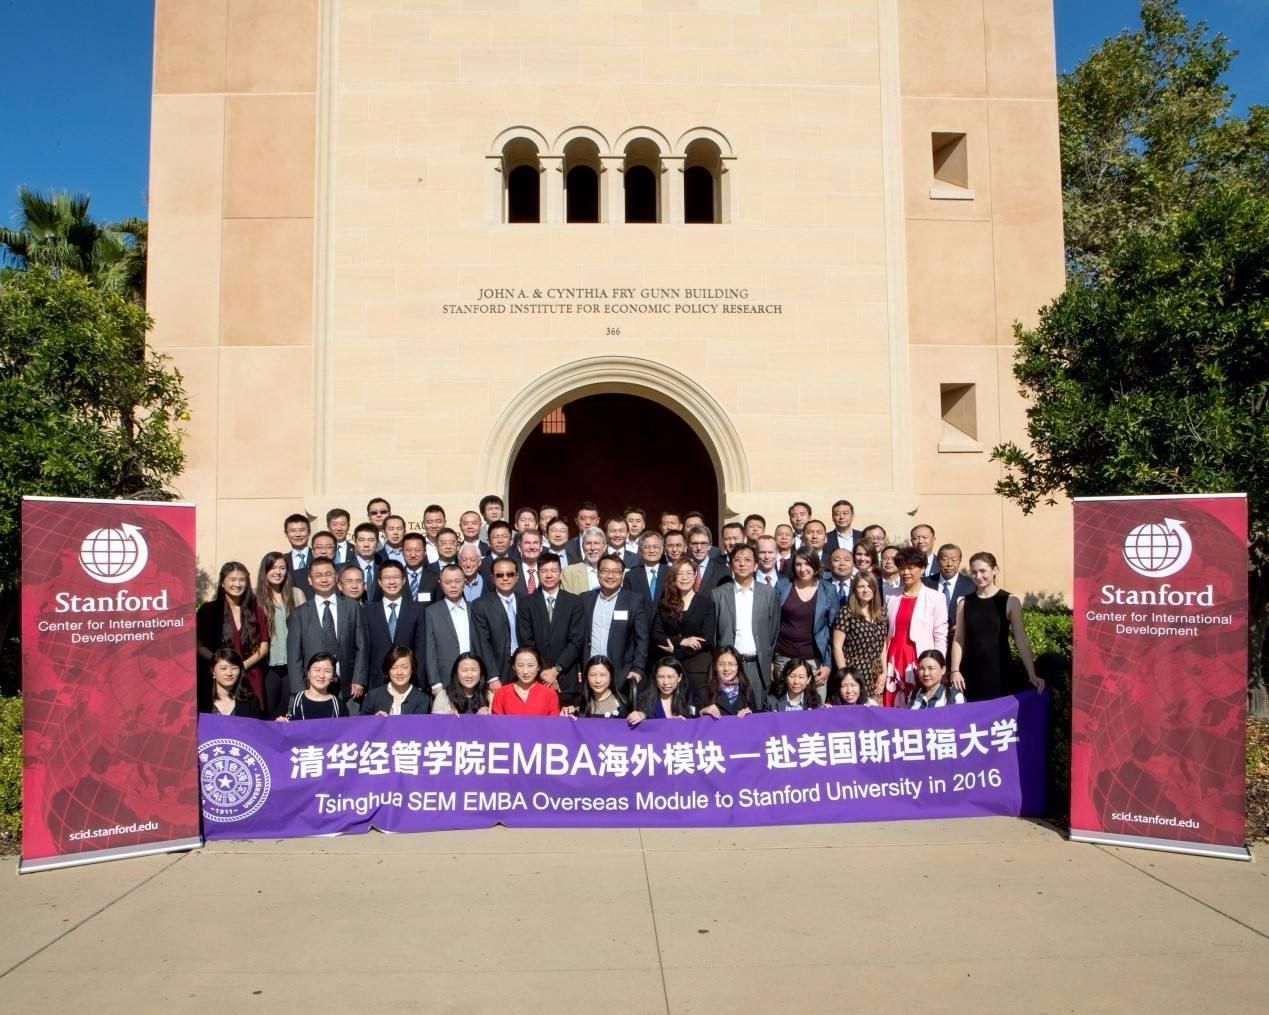 清华大学经济管理学院EMBA海外模块-美国斯坦福大学-